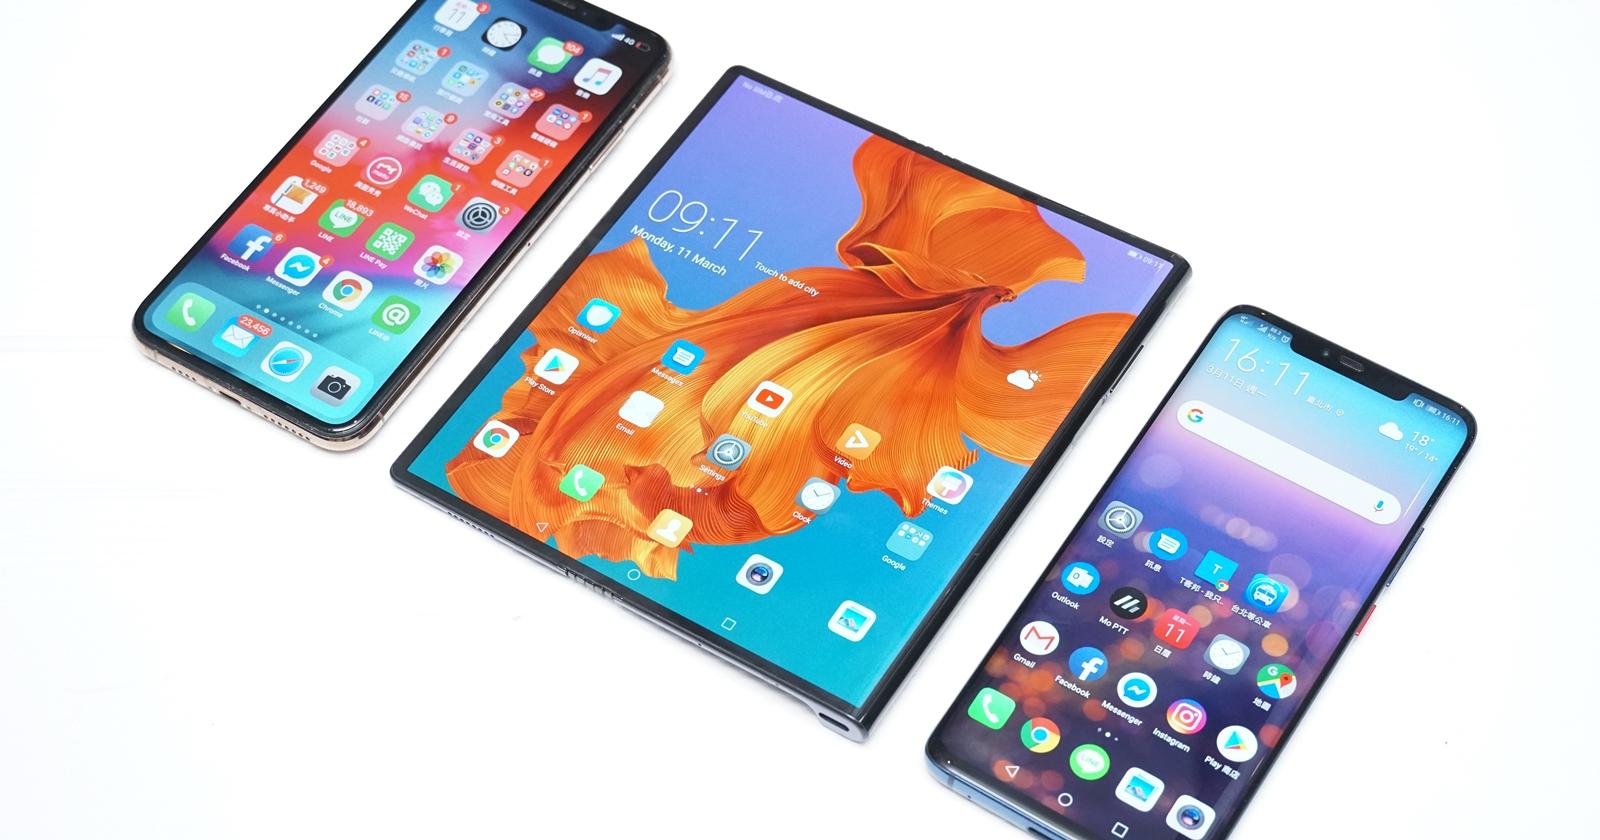 華為 Mate X 摺疊螢幕近距離動眼看,雙開 app、玩遊戲、打字輸入更順暢